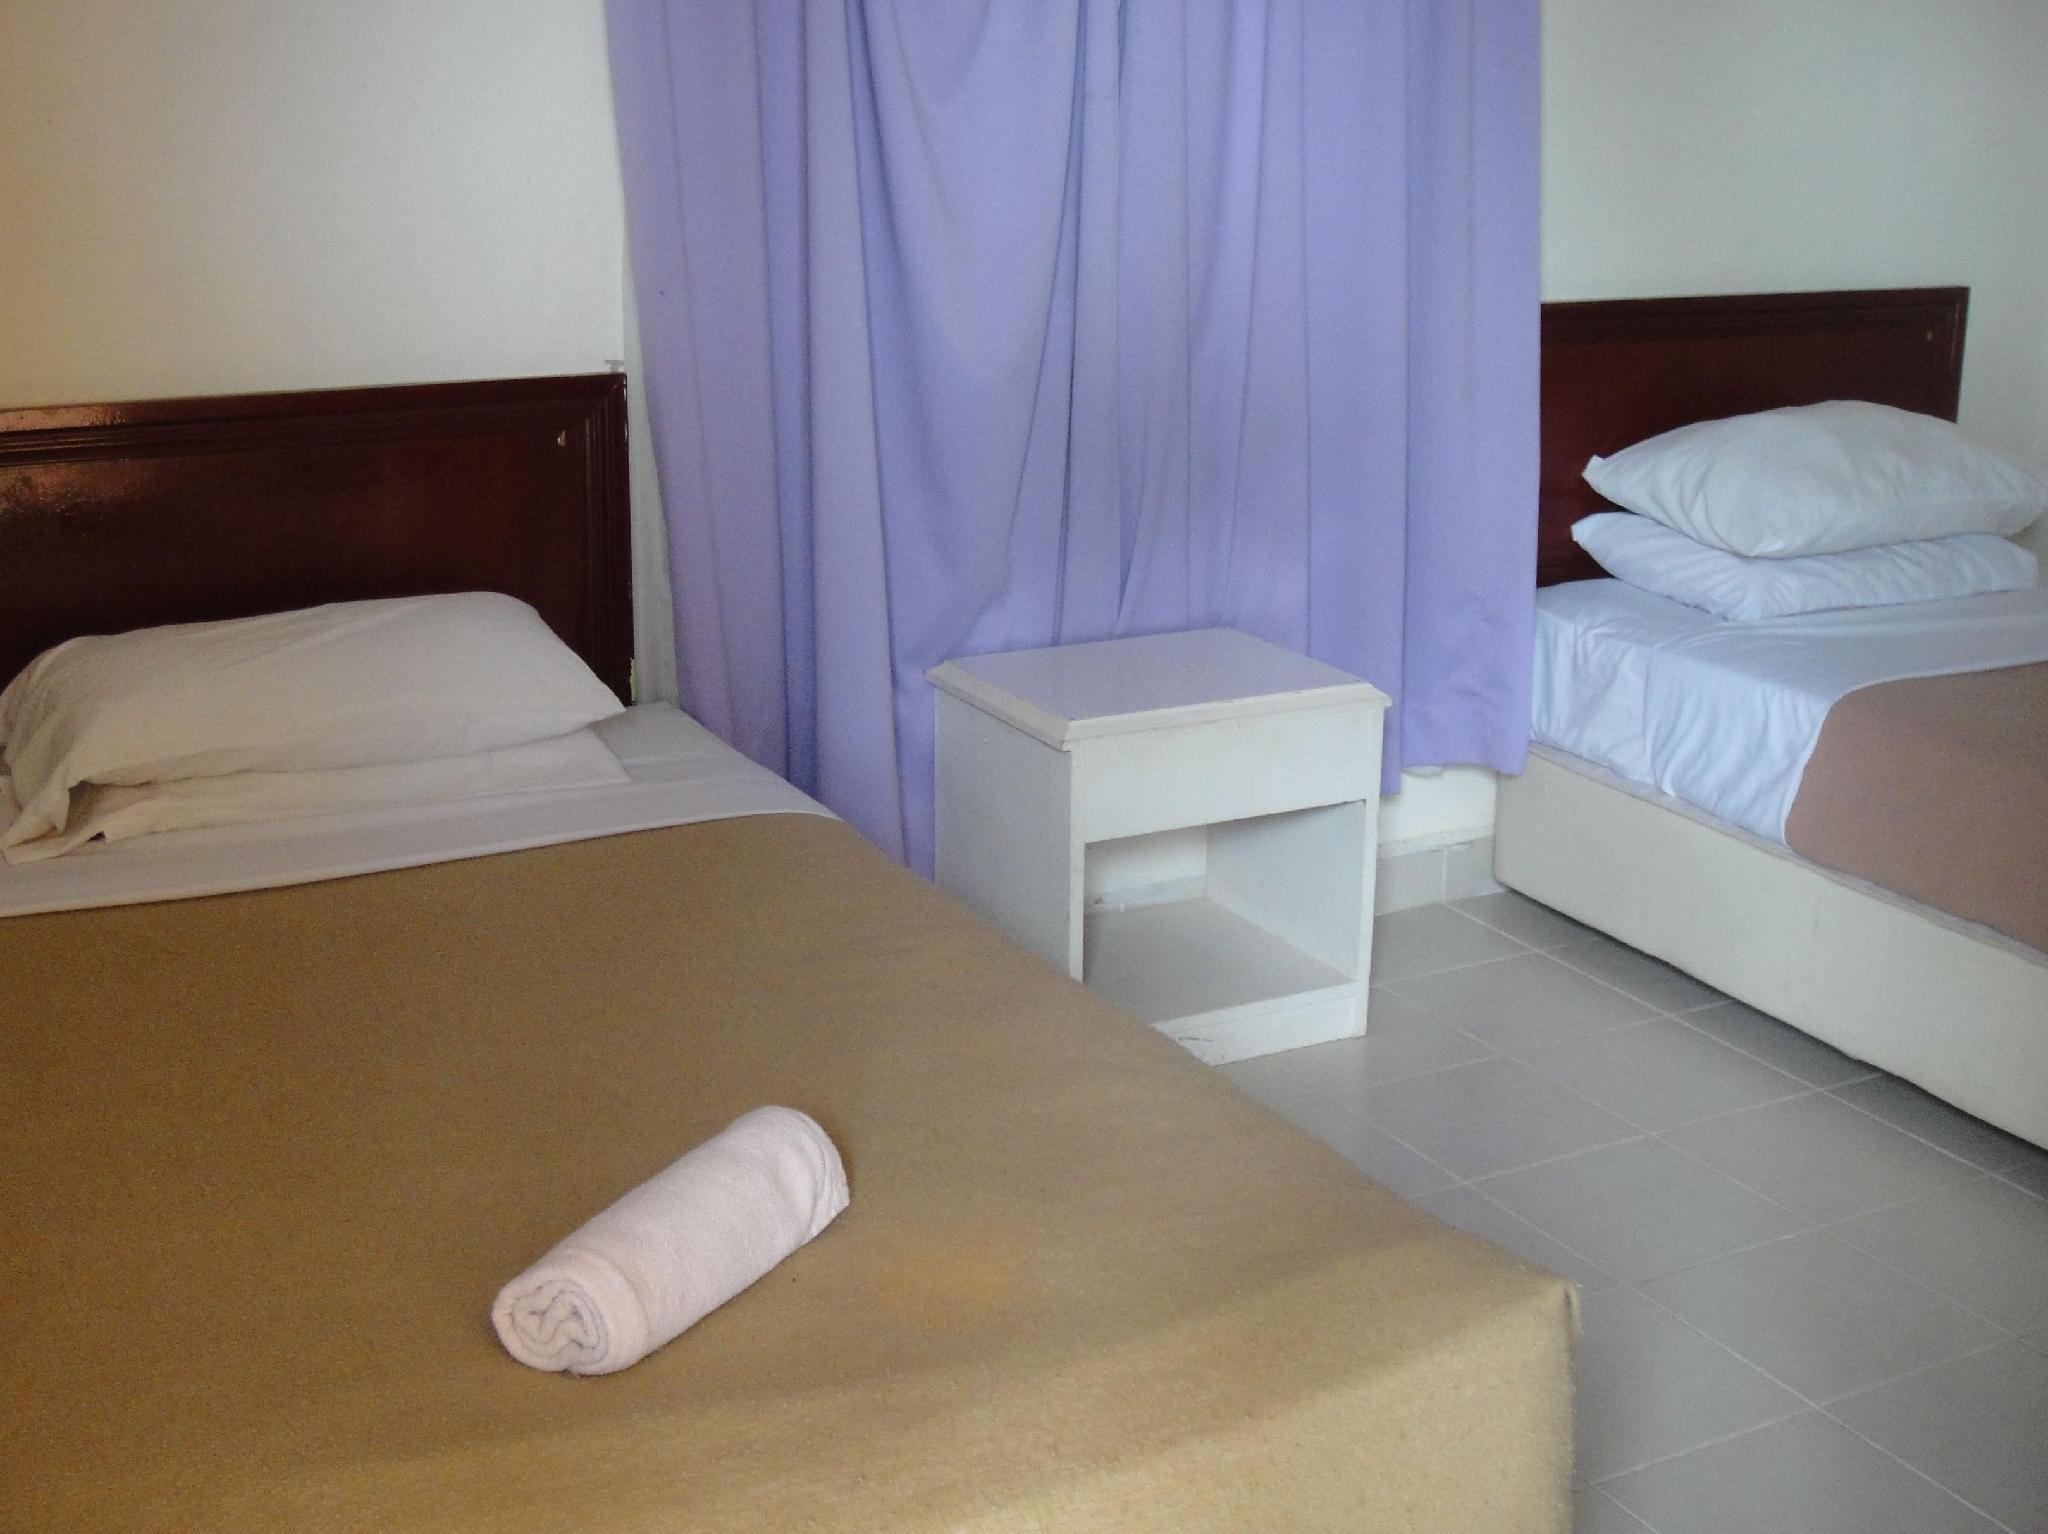 Cenang Valley Inn, Langkawi